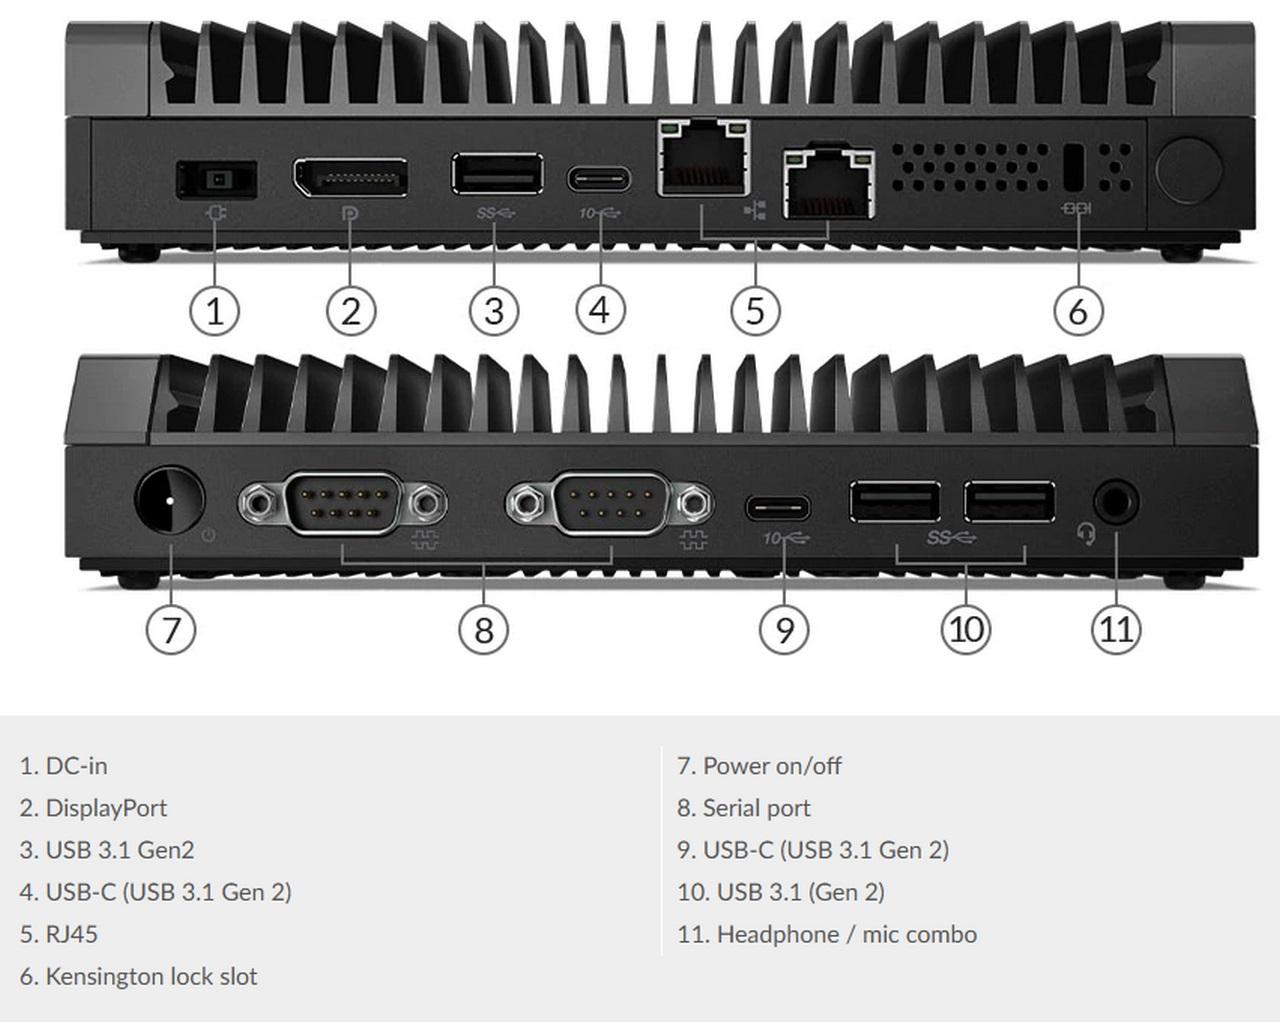 Lenovo ra mắt máy tính để bàn chuyên cho IoT tại Việt Nam: nhỏ chỉ bằng modem WiFi, giá từ 12,5 triệu đồng